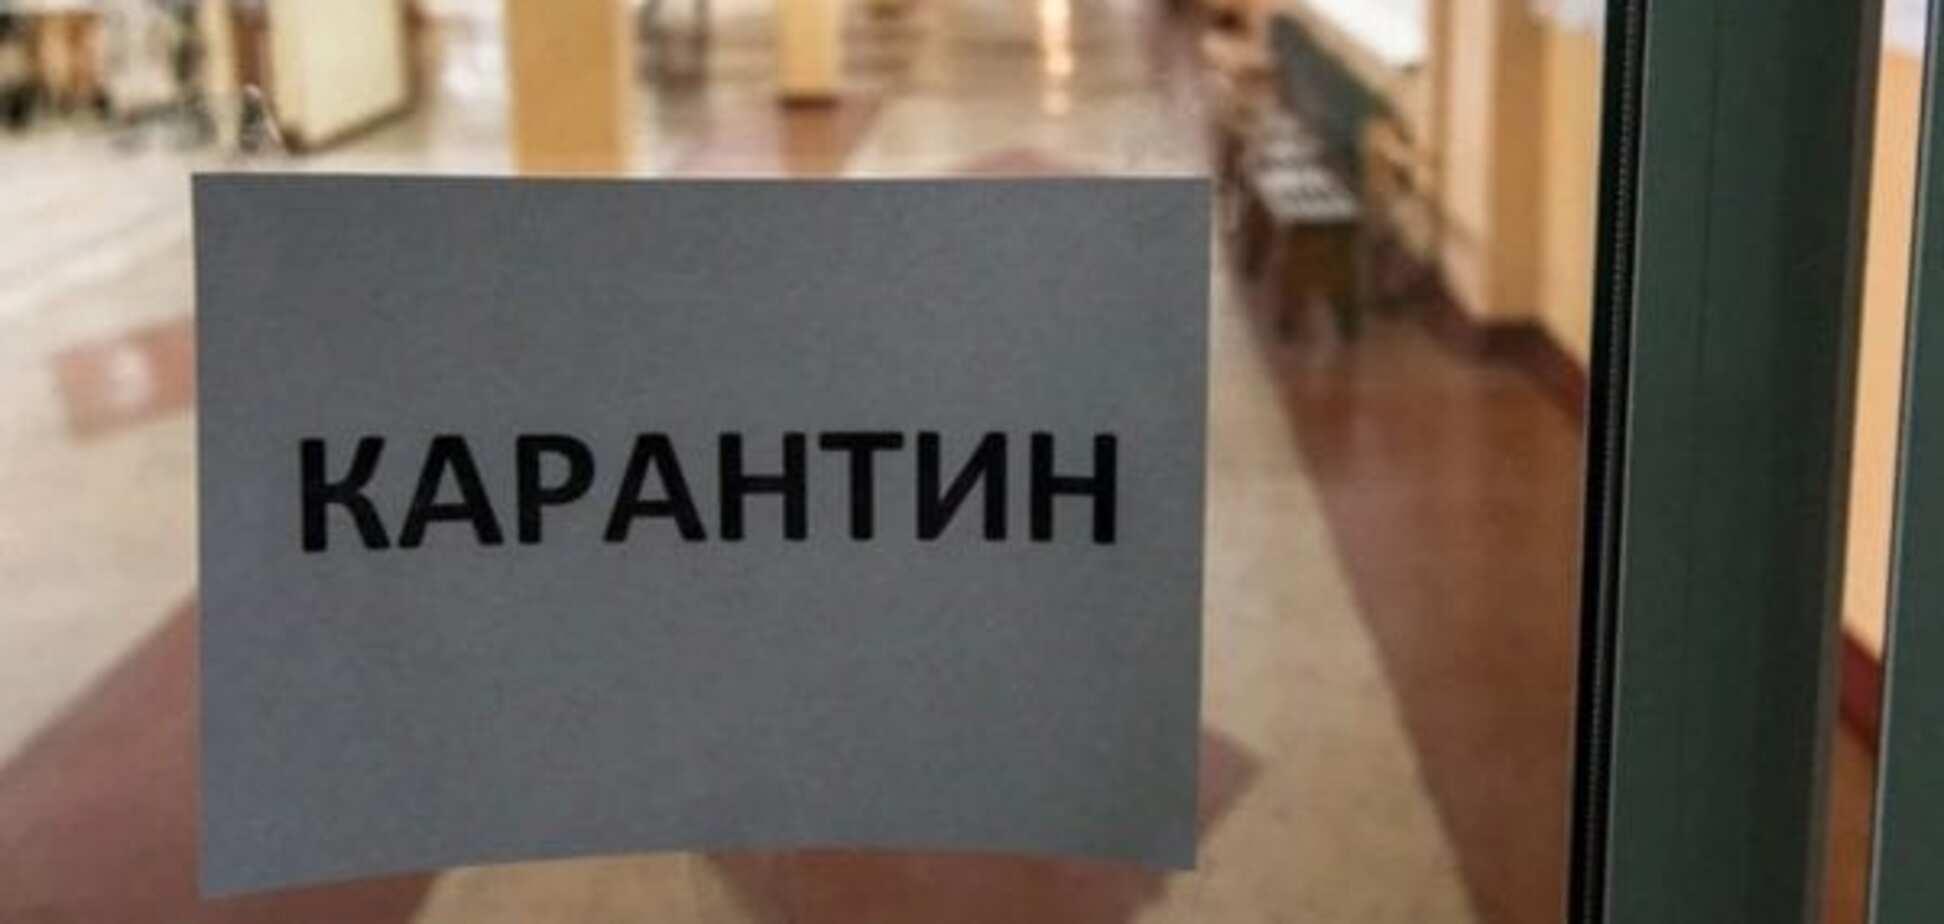 Лікар закликав відкрити кав'ярні та ресторани в Україні, незважаючи на COVID-19